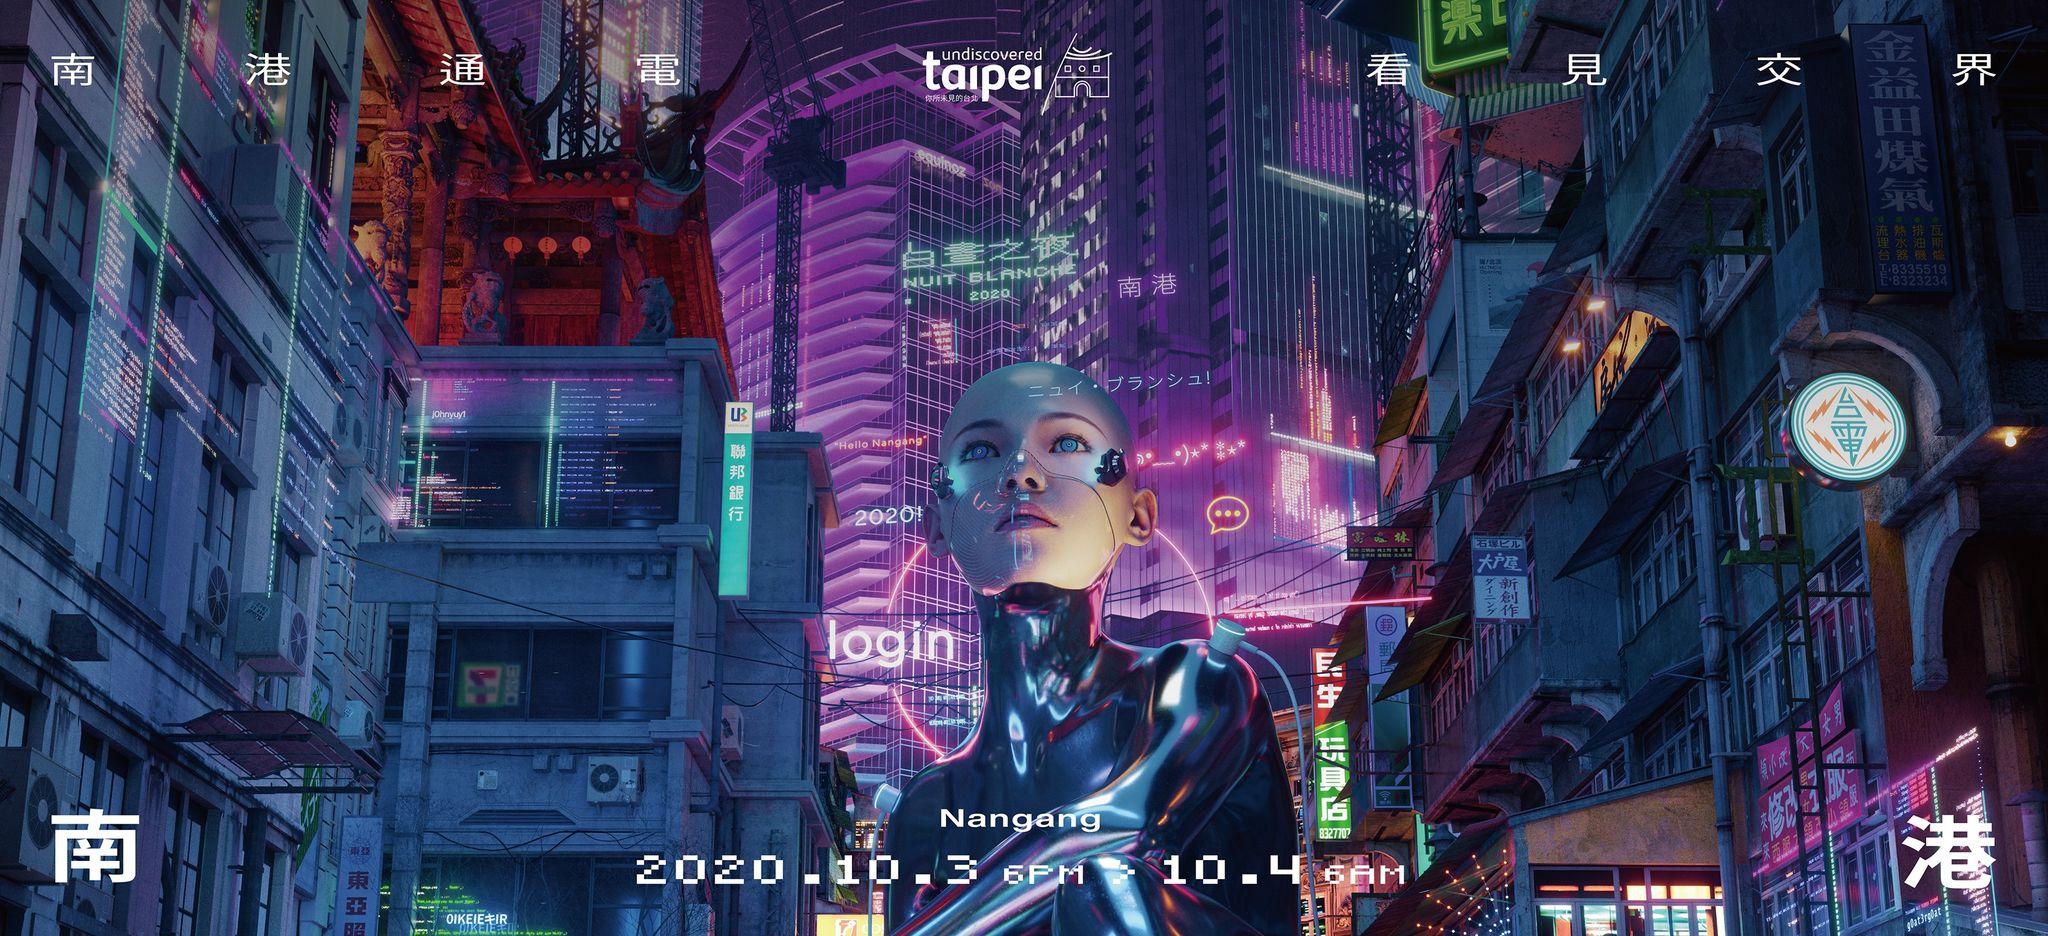 【 2020臺北白晝之夜 Nuit Blanche Taipei |10/03 – 10/04 】